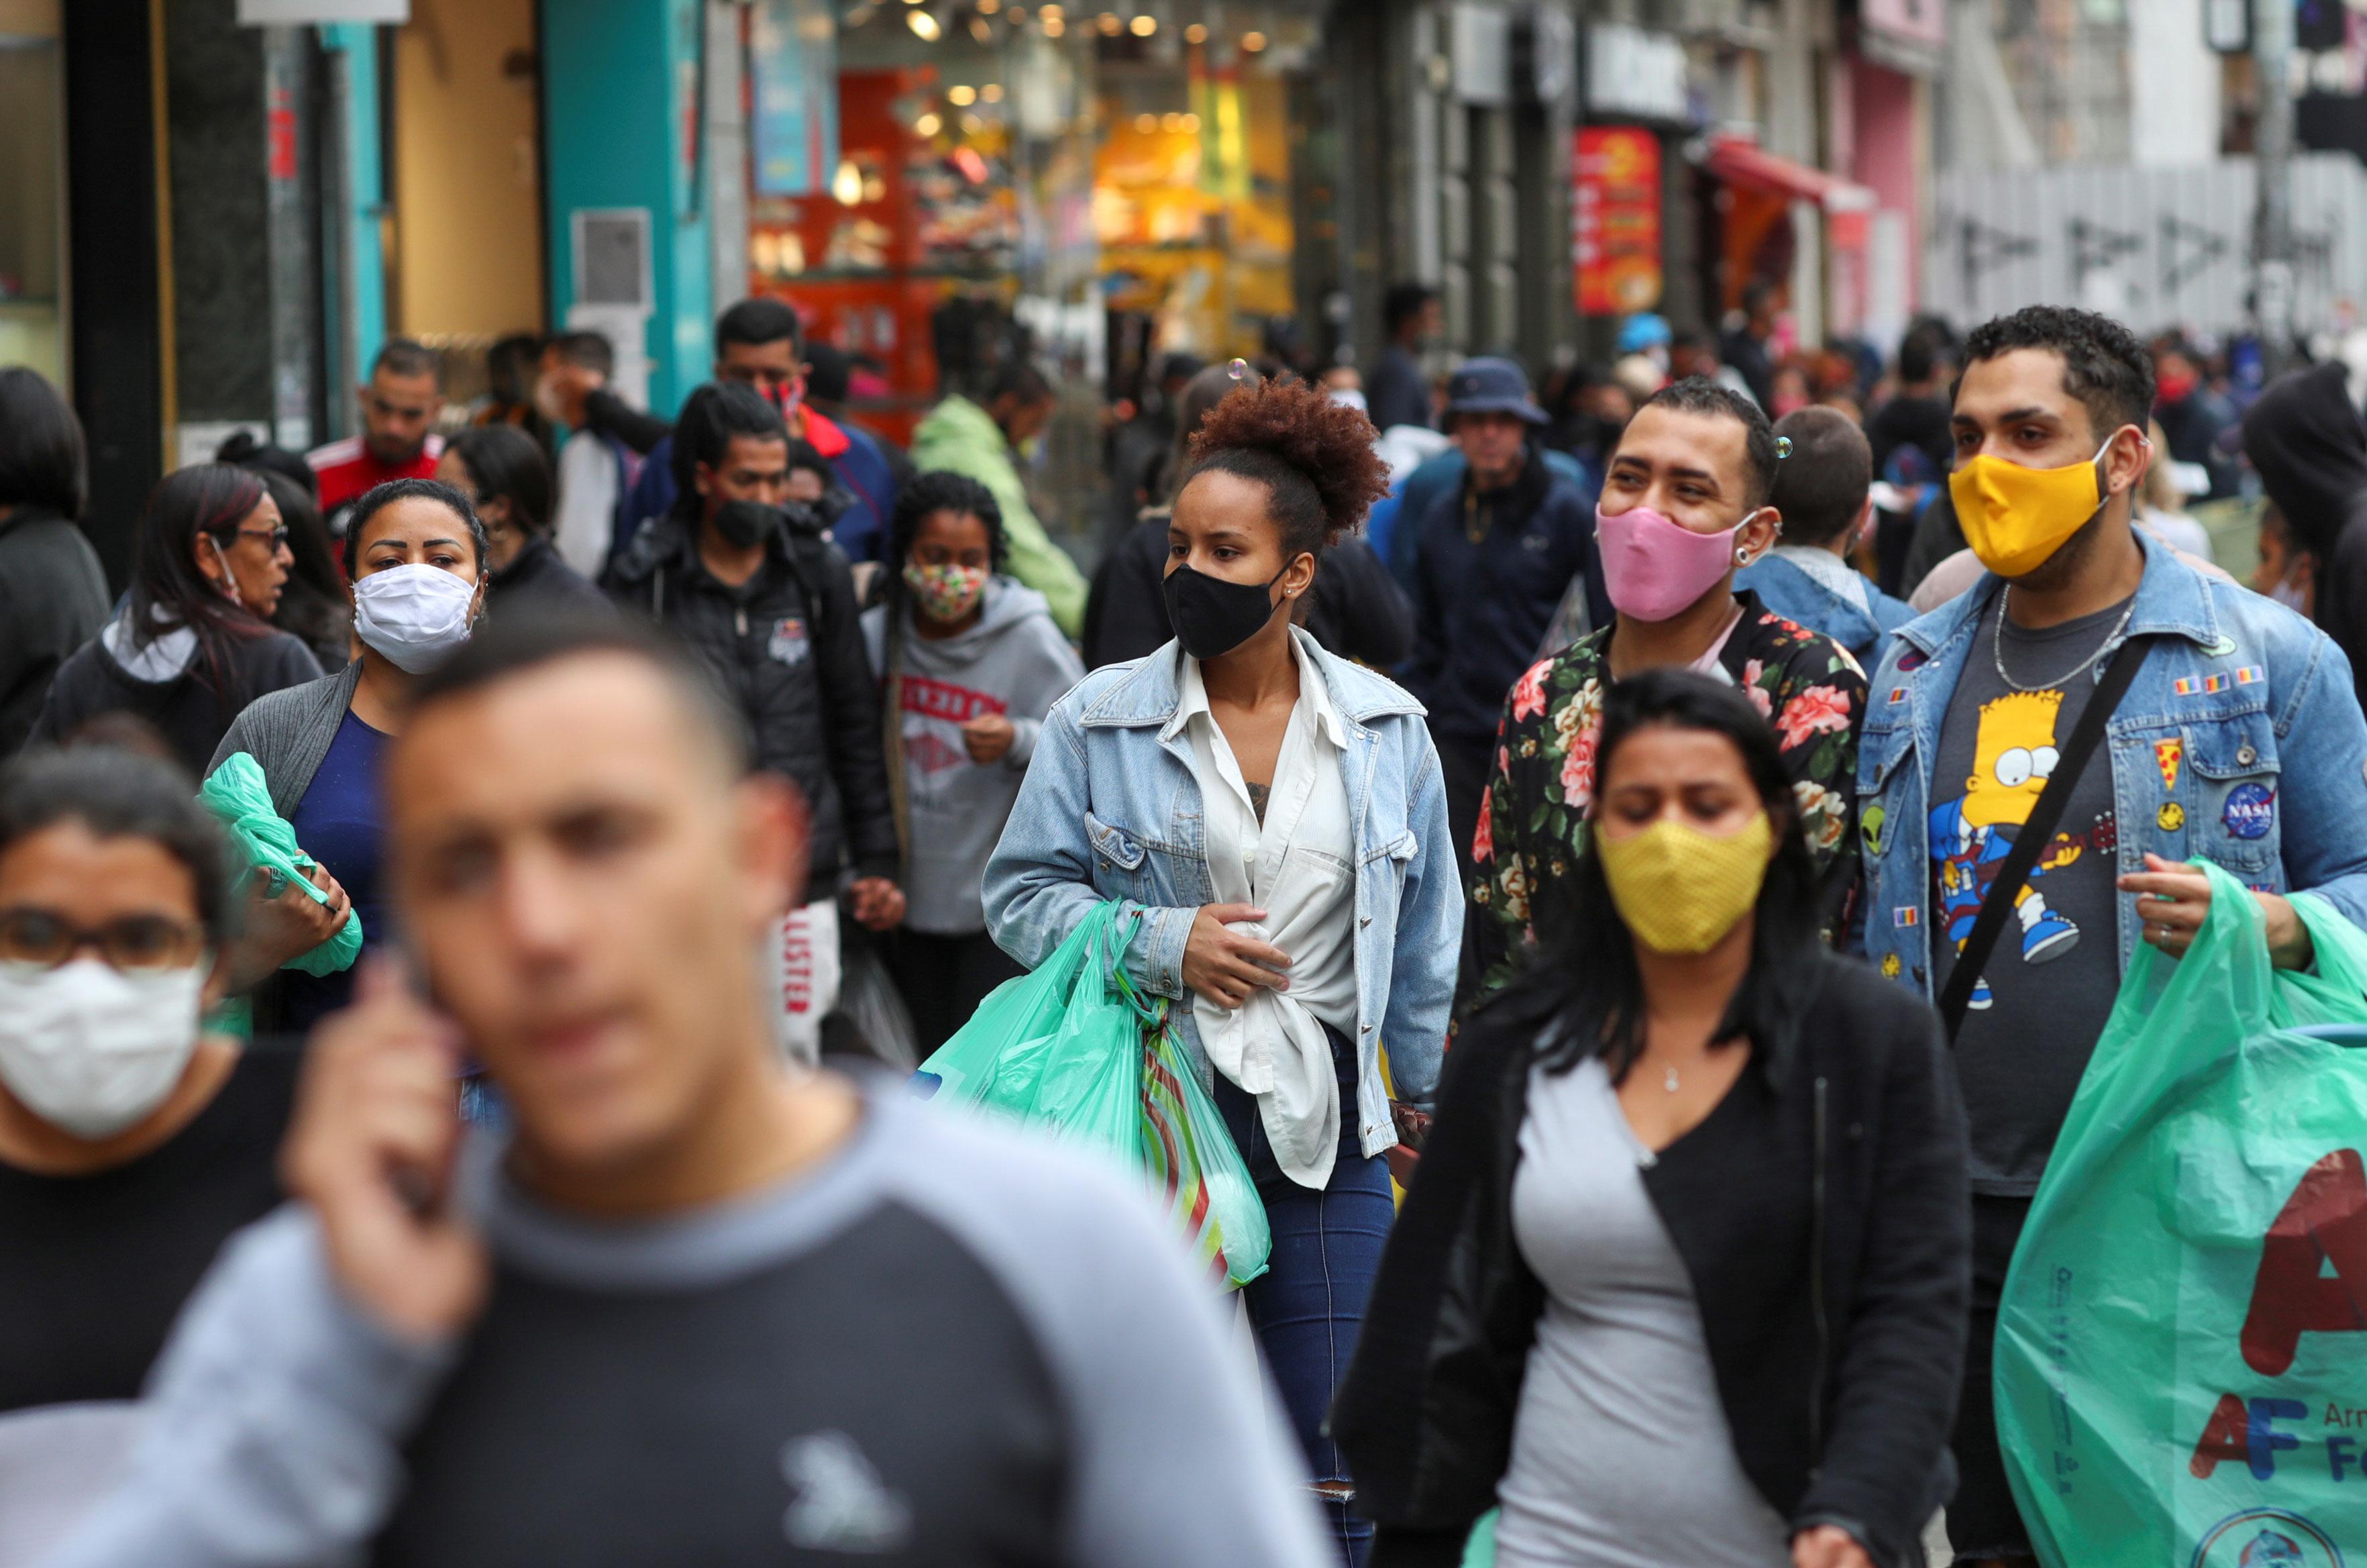 rua de comércio popular em São Paulo durante pandemia de Covid-19